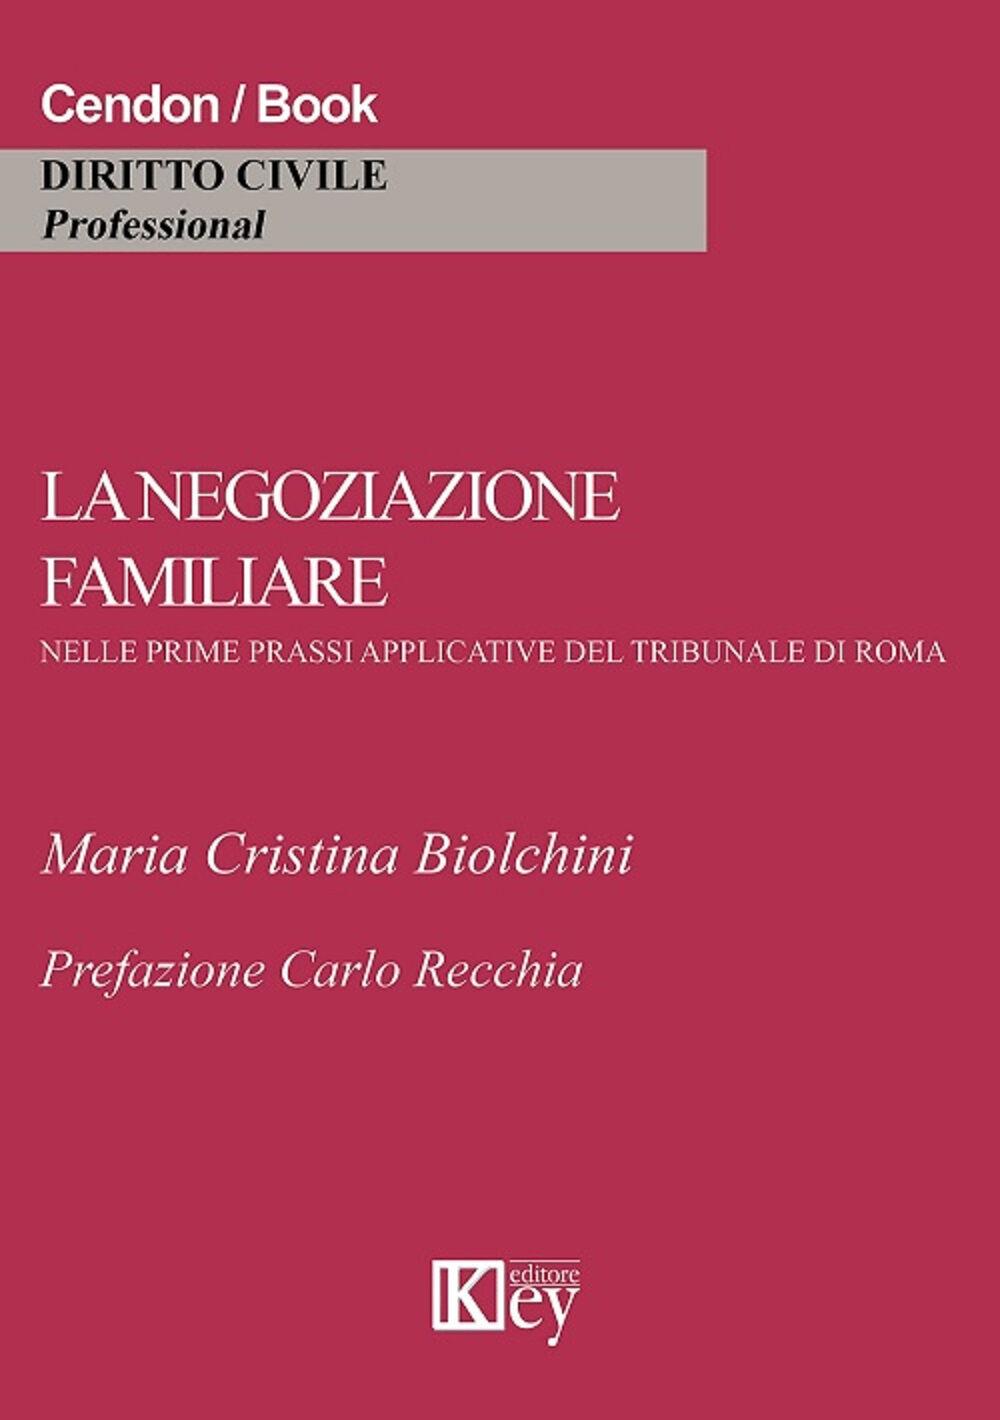 La negoziazione familiare nelle prime prassi applicative del tribunale di Roma